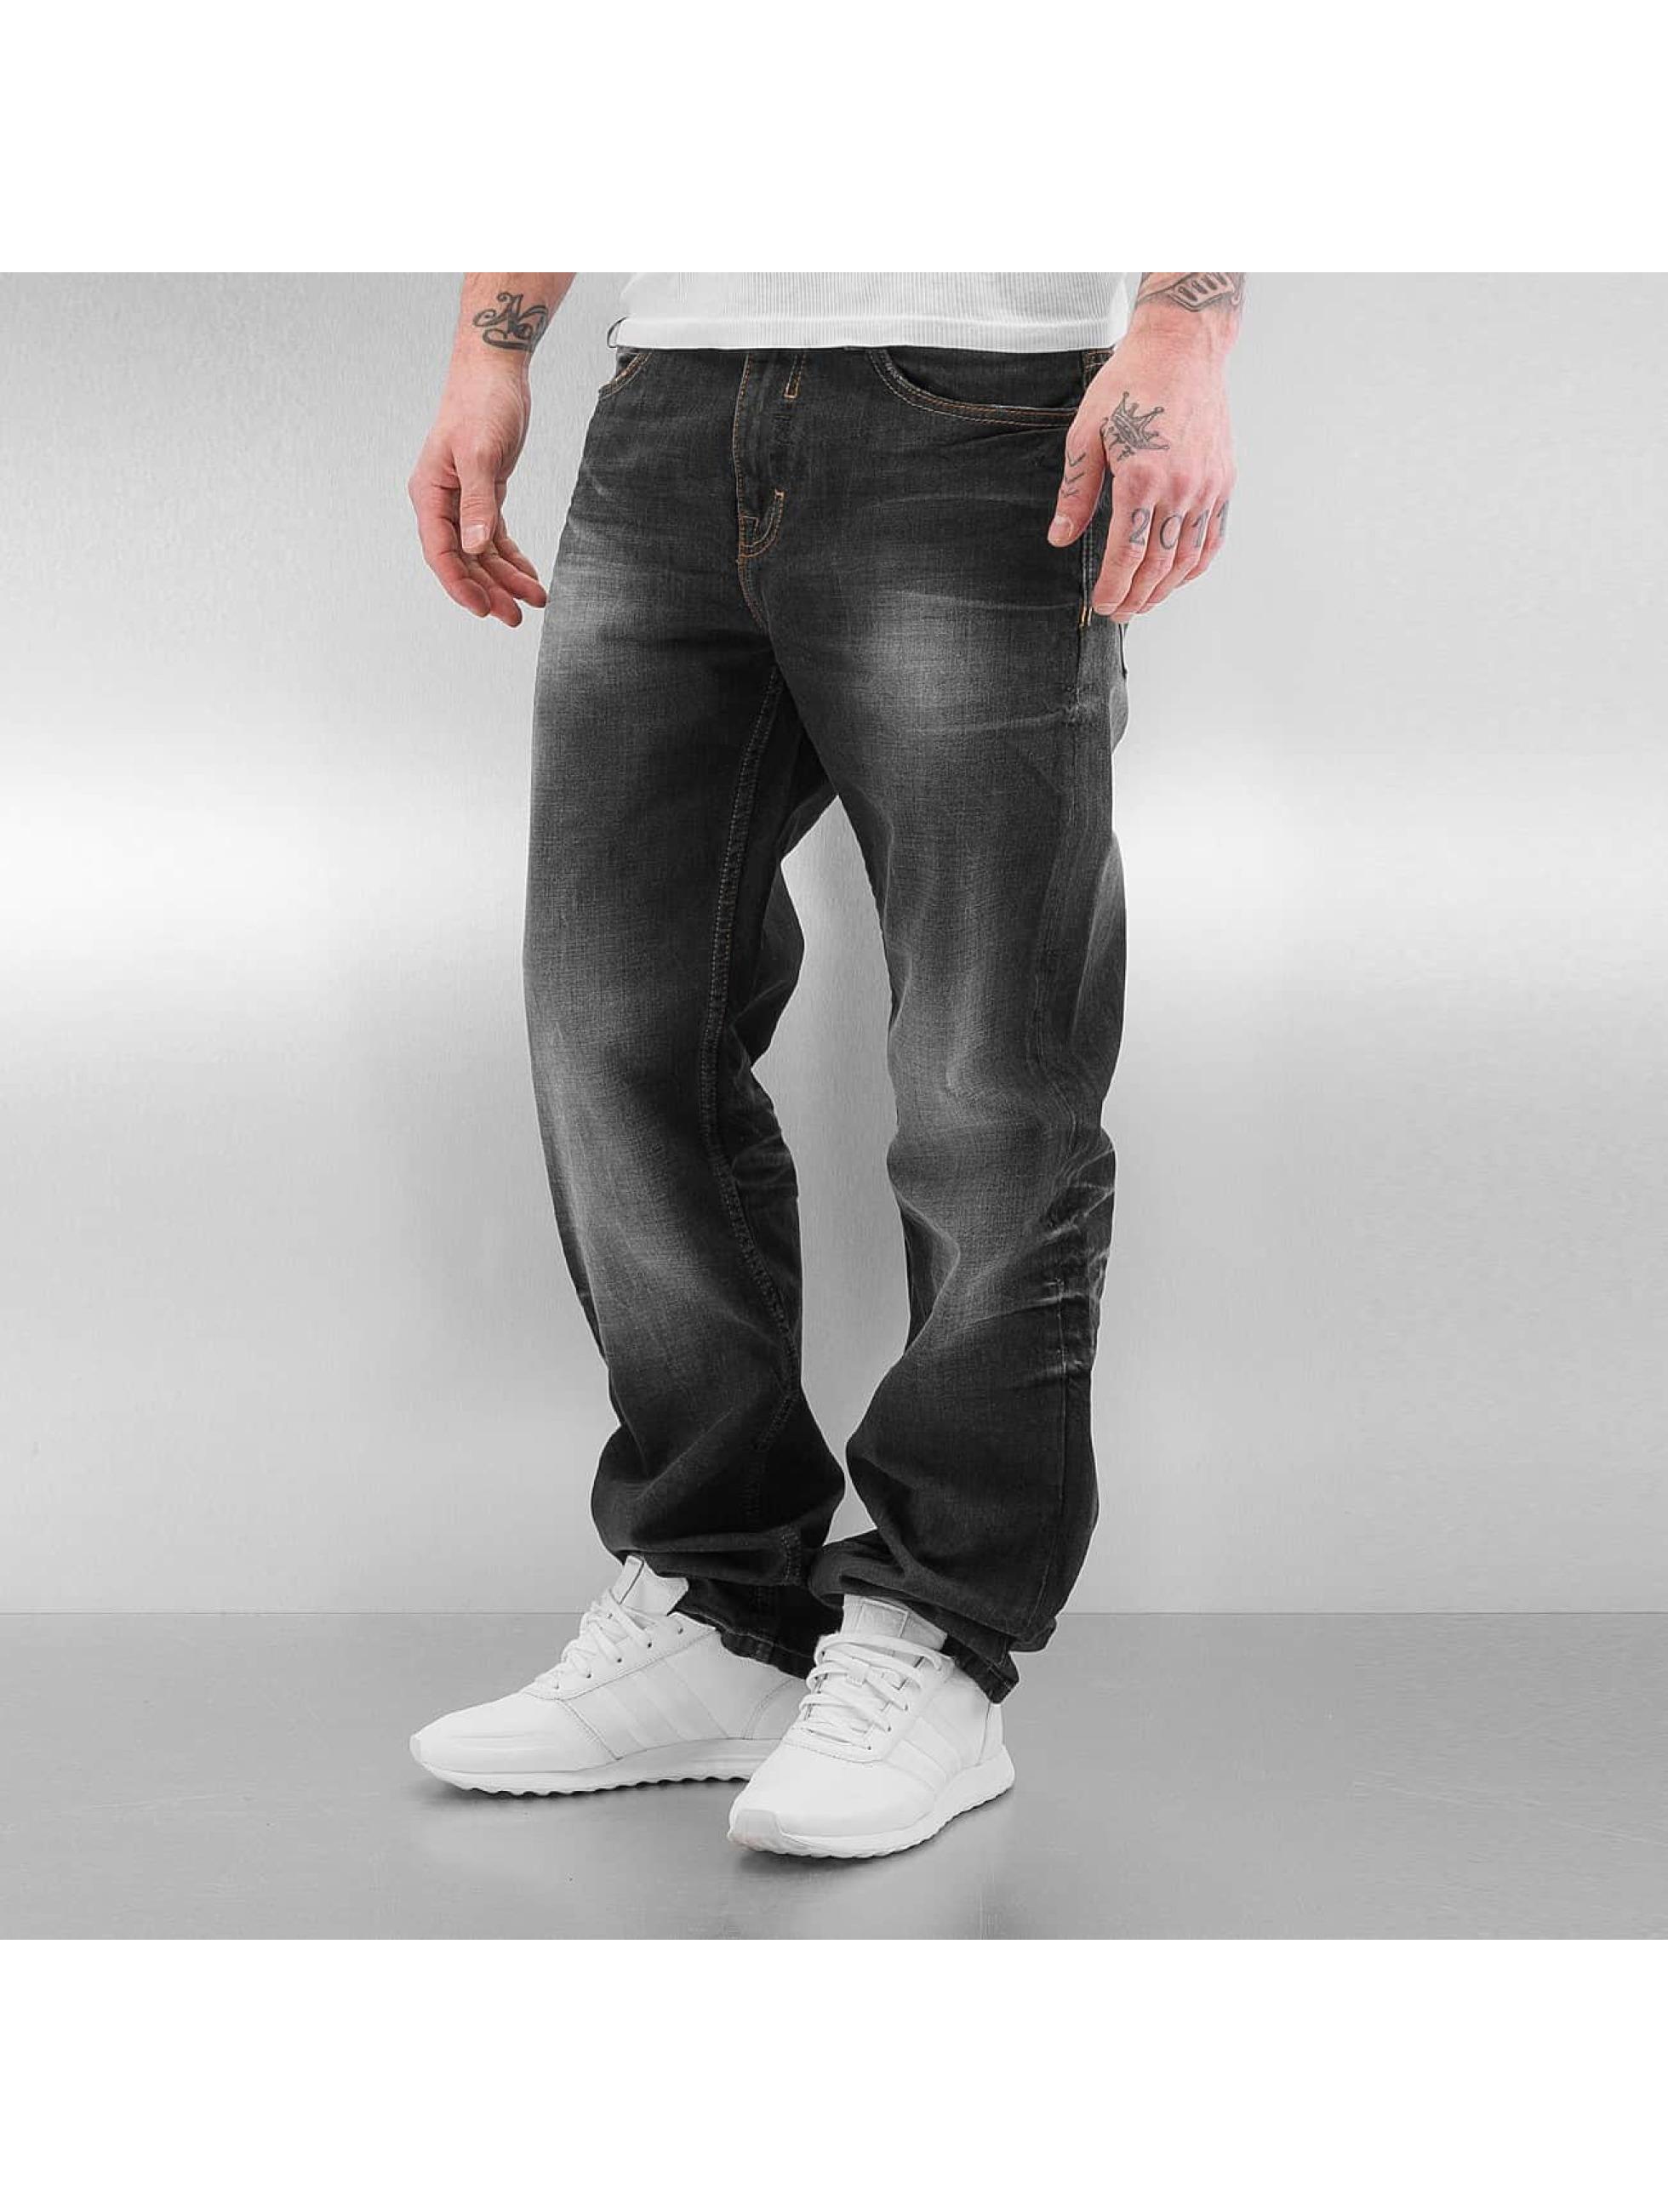 jeans loose fit herren m224 herren cargo jeans army hose. Black Bedroom Furniture Sets. Home Design Ideas